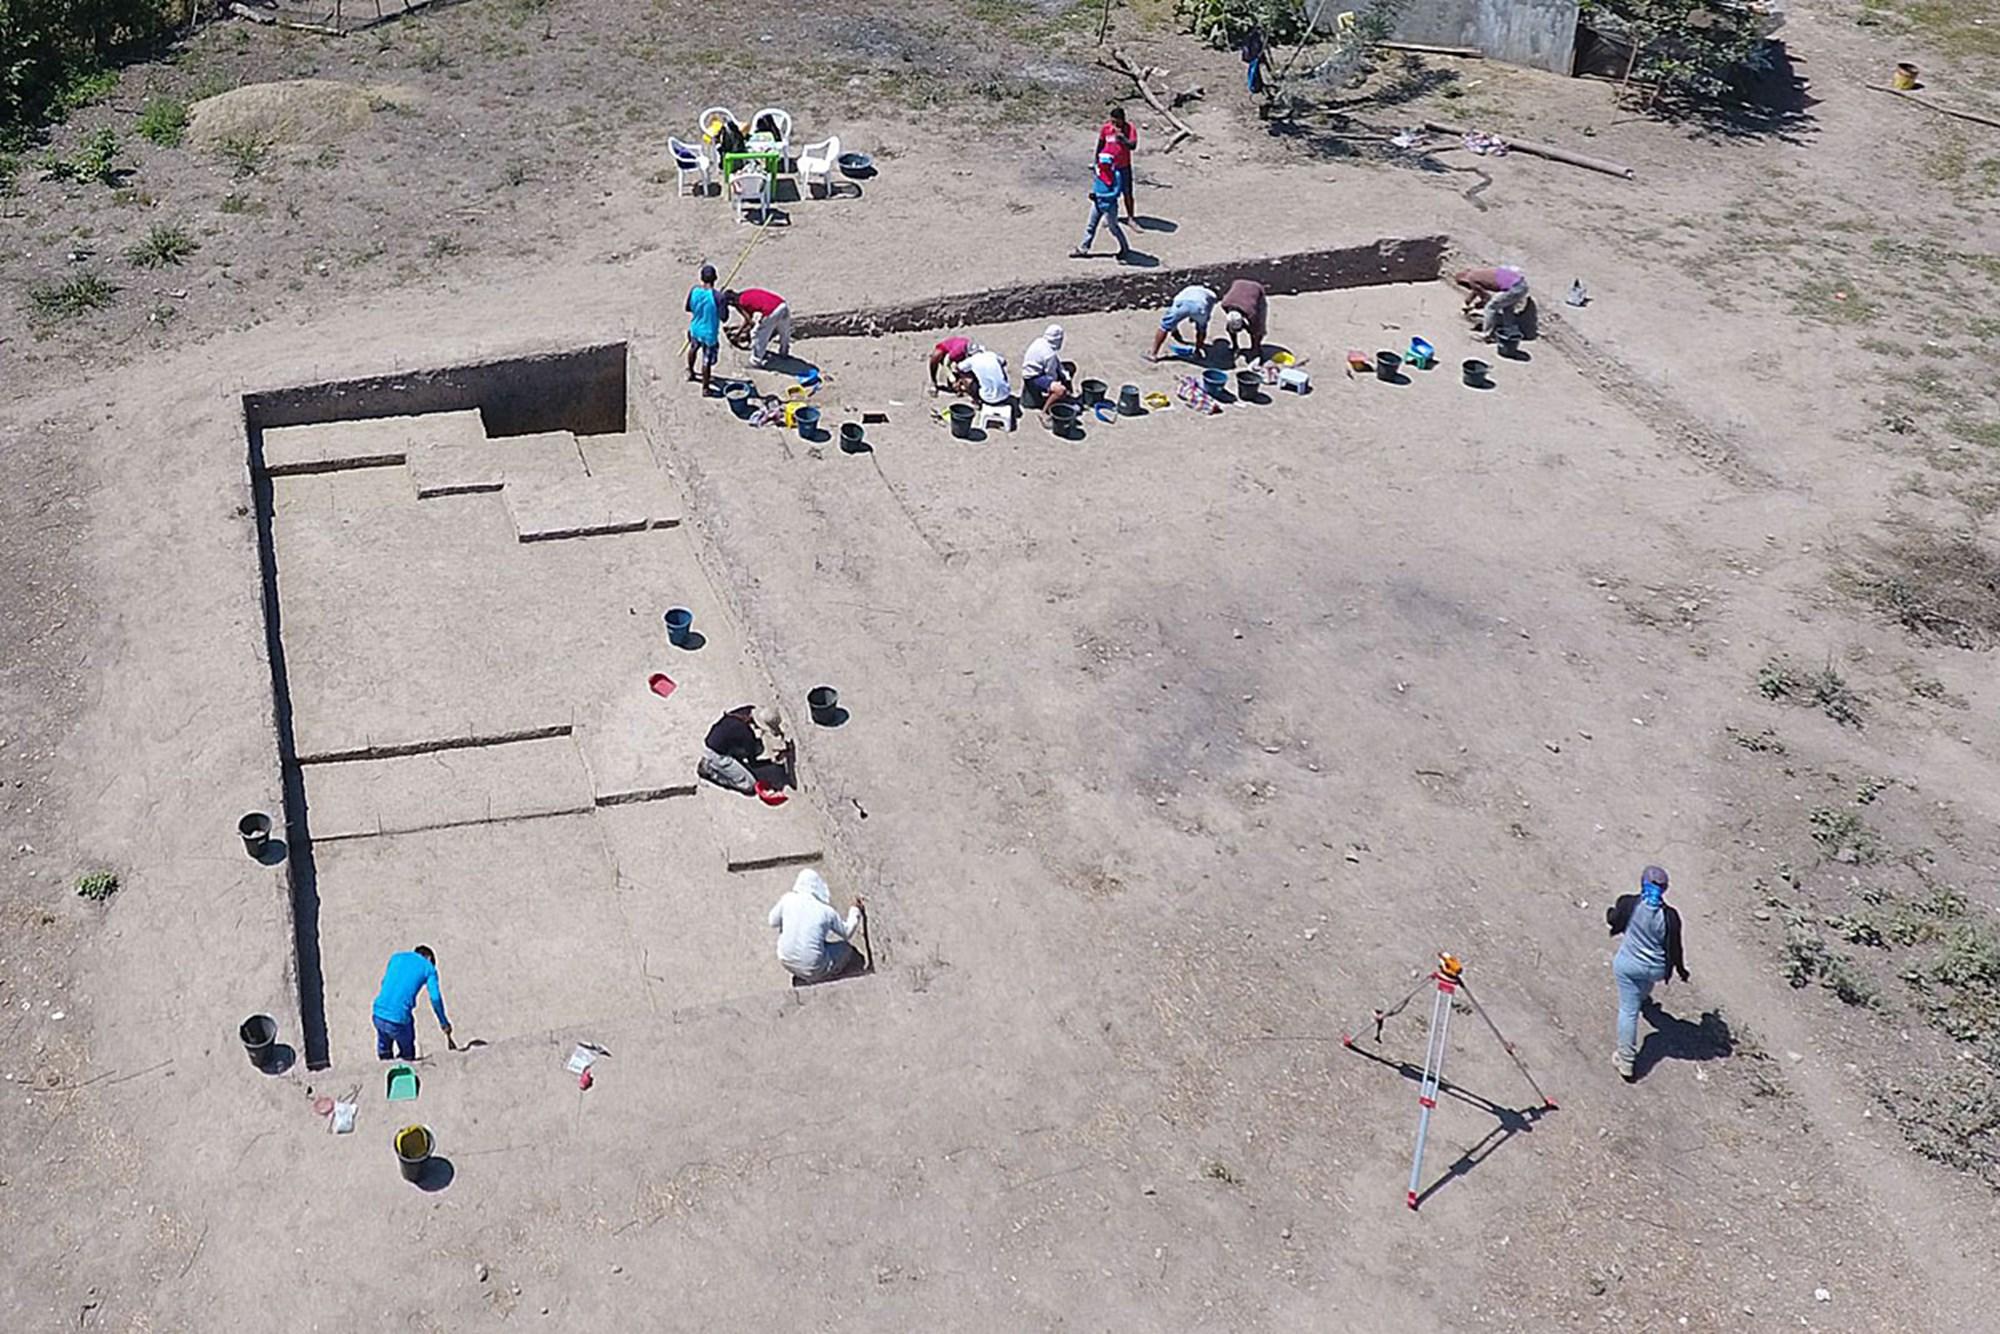 Archäologen auf der Spur einer über 3.000 Jahre alten südamerikanischen Kultur